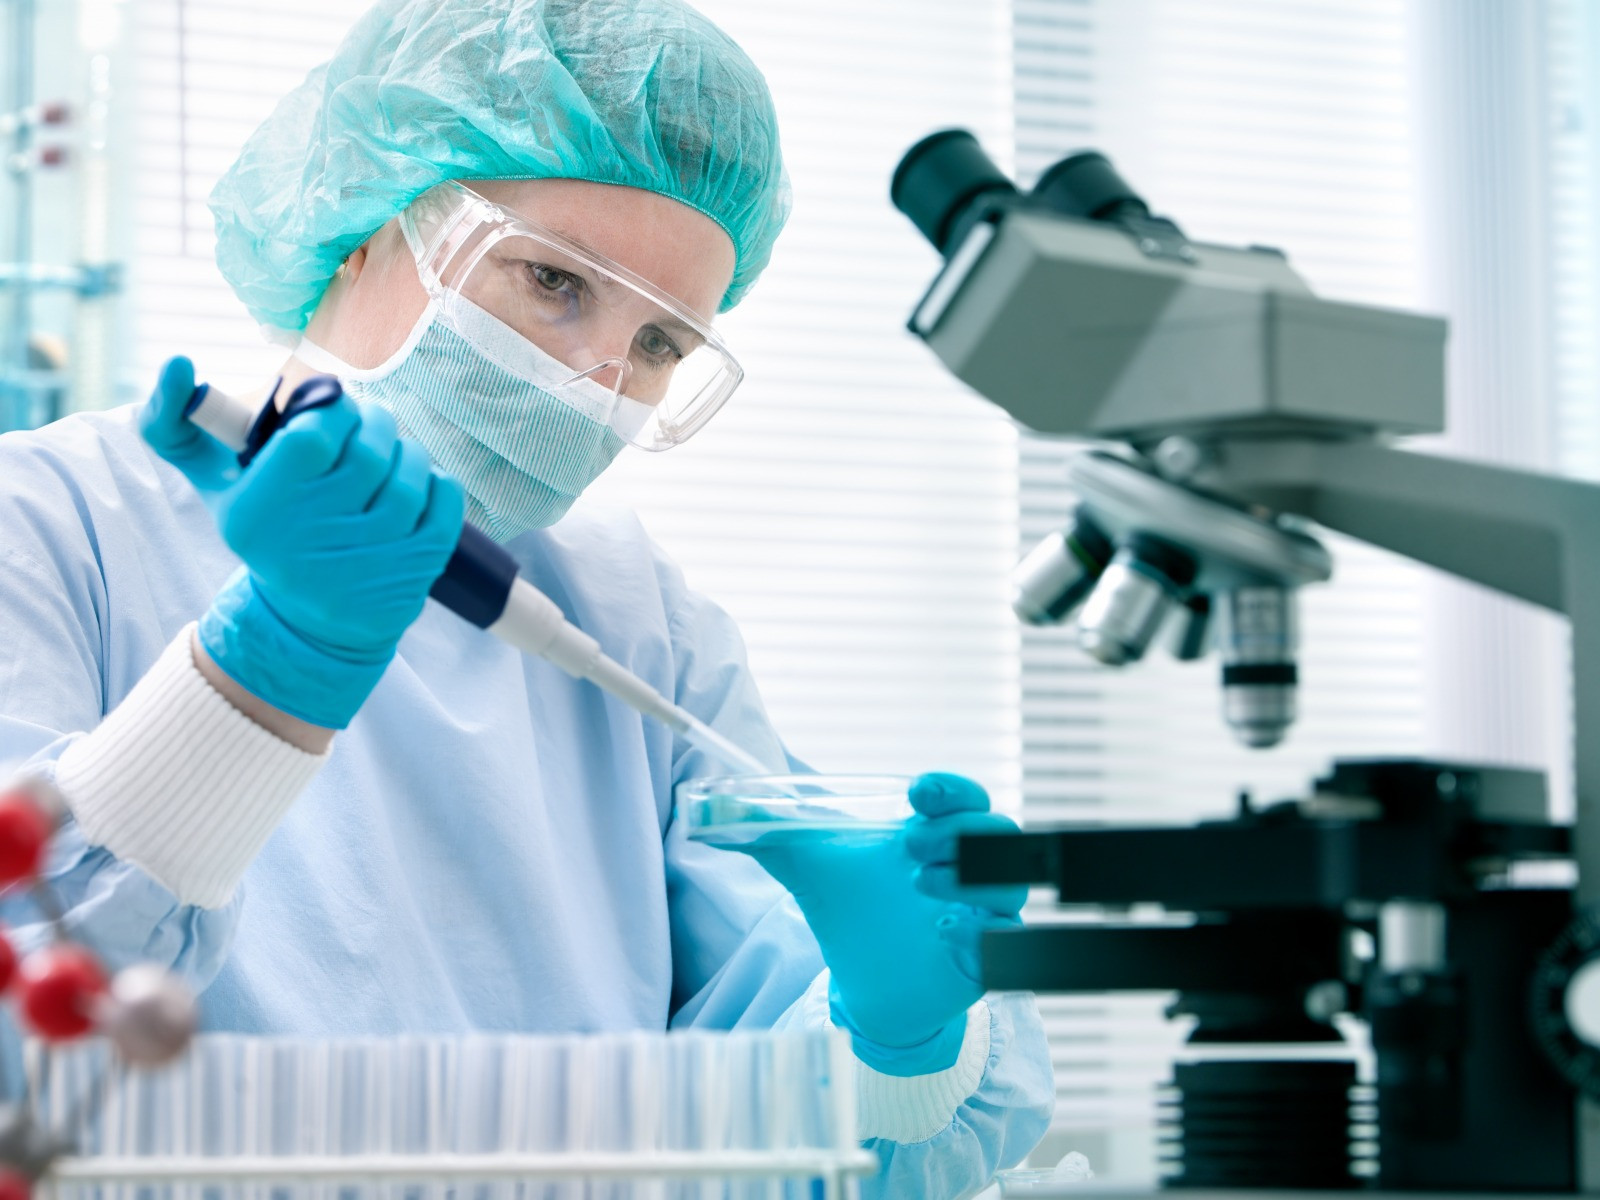 В Российской Федерации ученые создали сухой заменитель крови